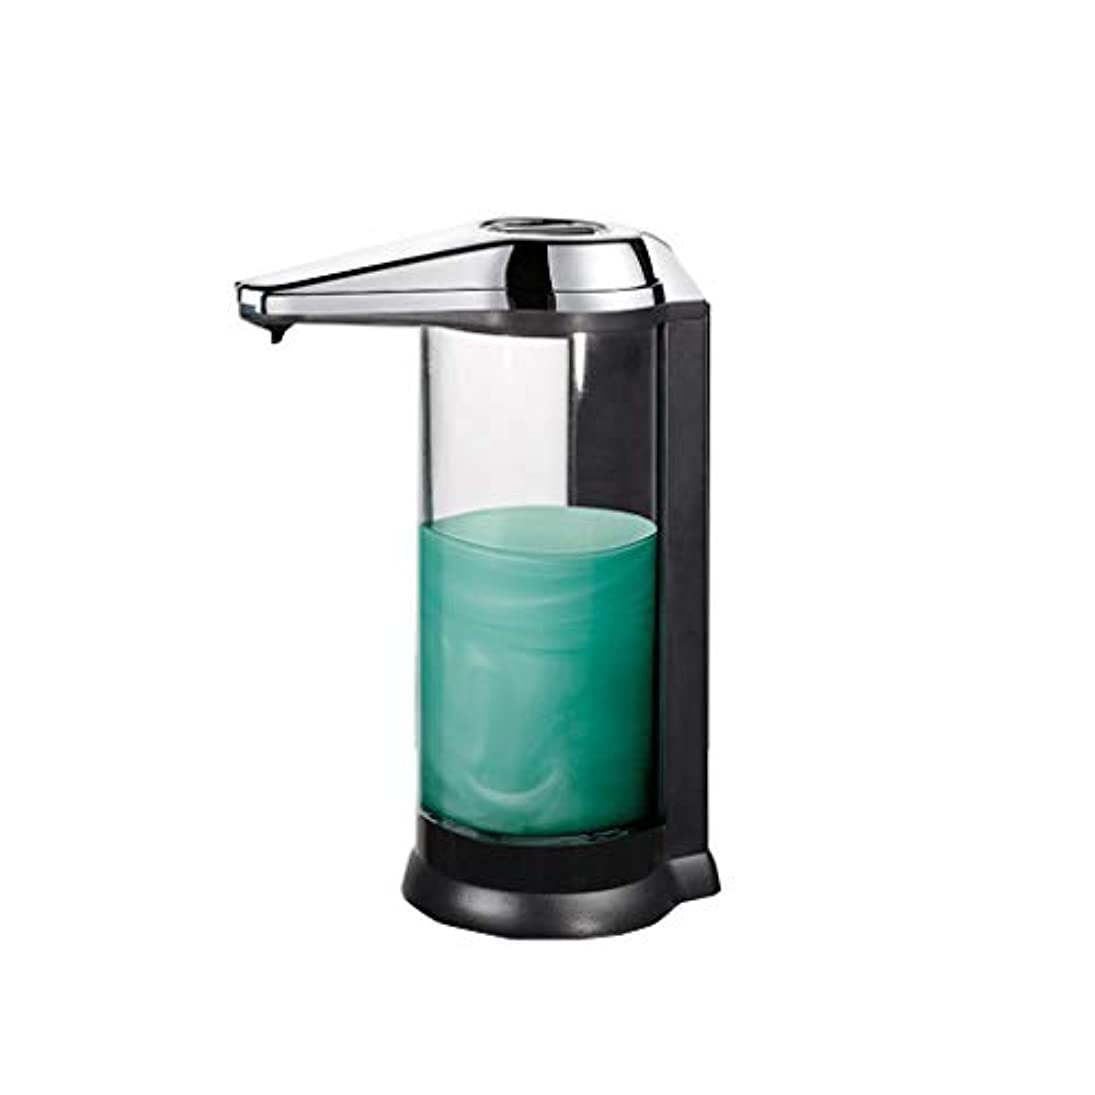 ボーカル間欠妻せっけん ソープディスペンサー自動ソープディスペンサー赤外線モーションセンサー液体ディスペンサー防水リークプルーフ非接触石鹸子供、キッチン、バスルームに適して 新しい